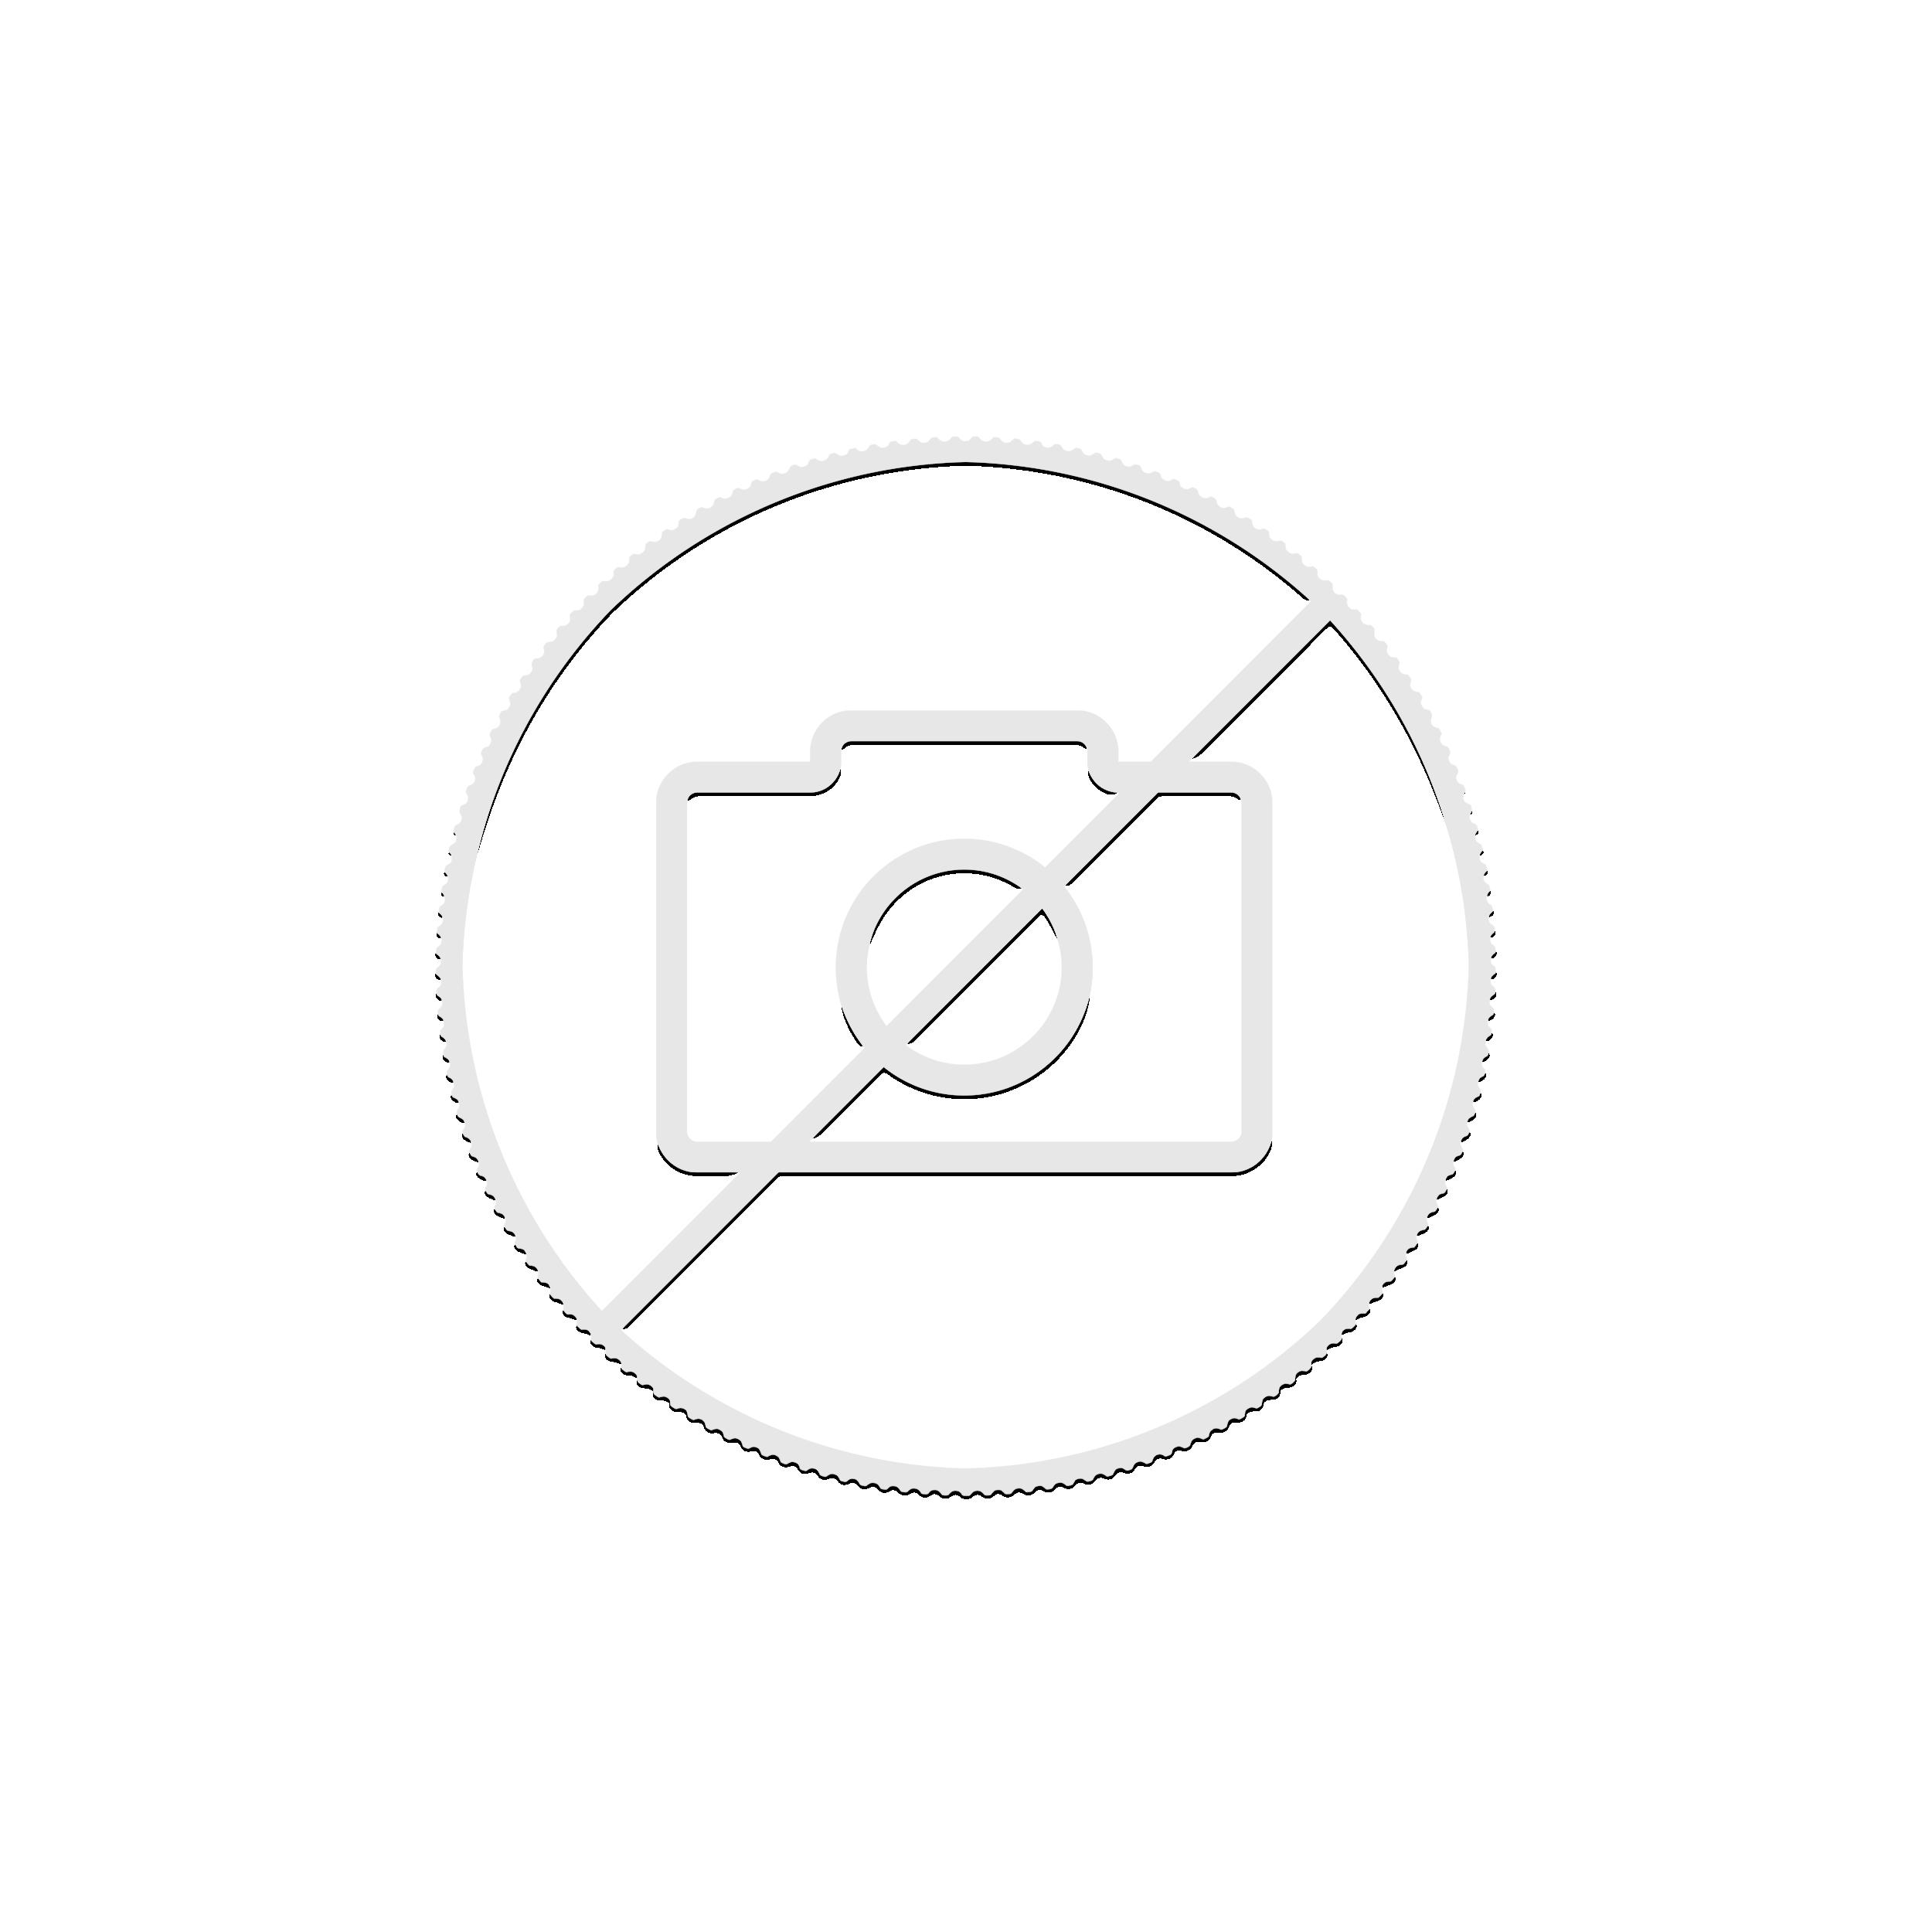 $10 Gold coin Eagle (Coronet Head)